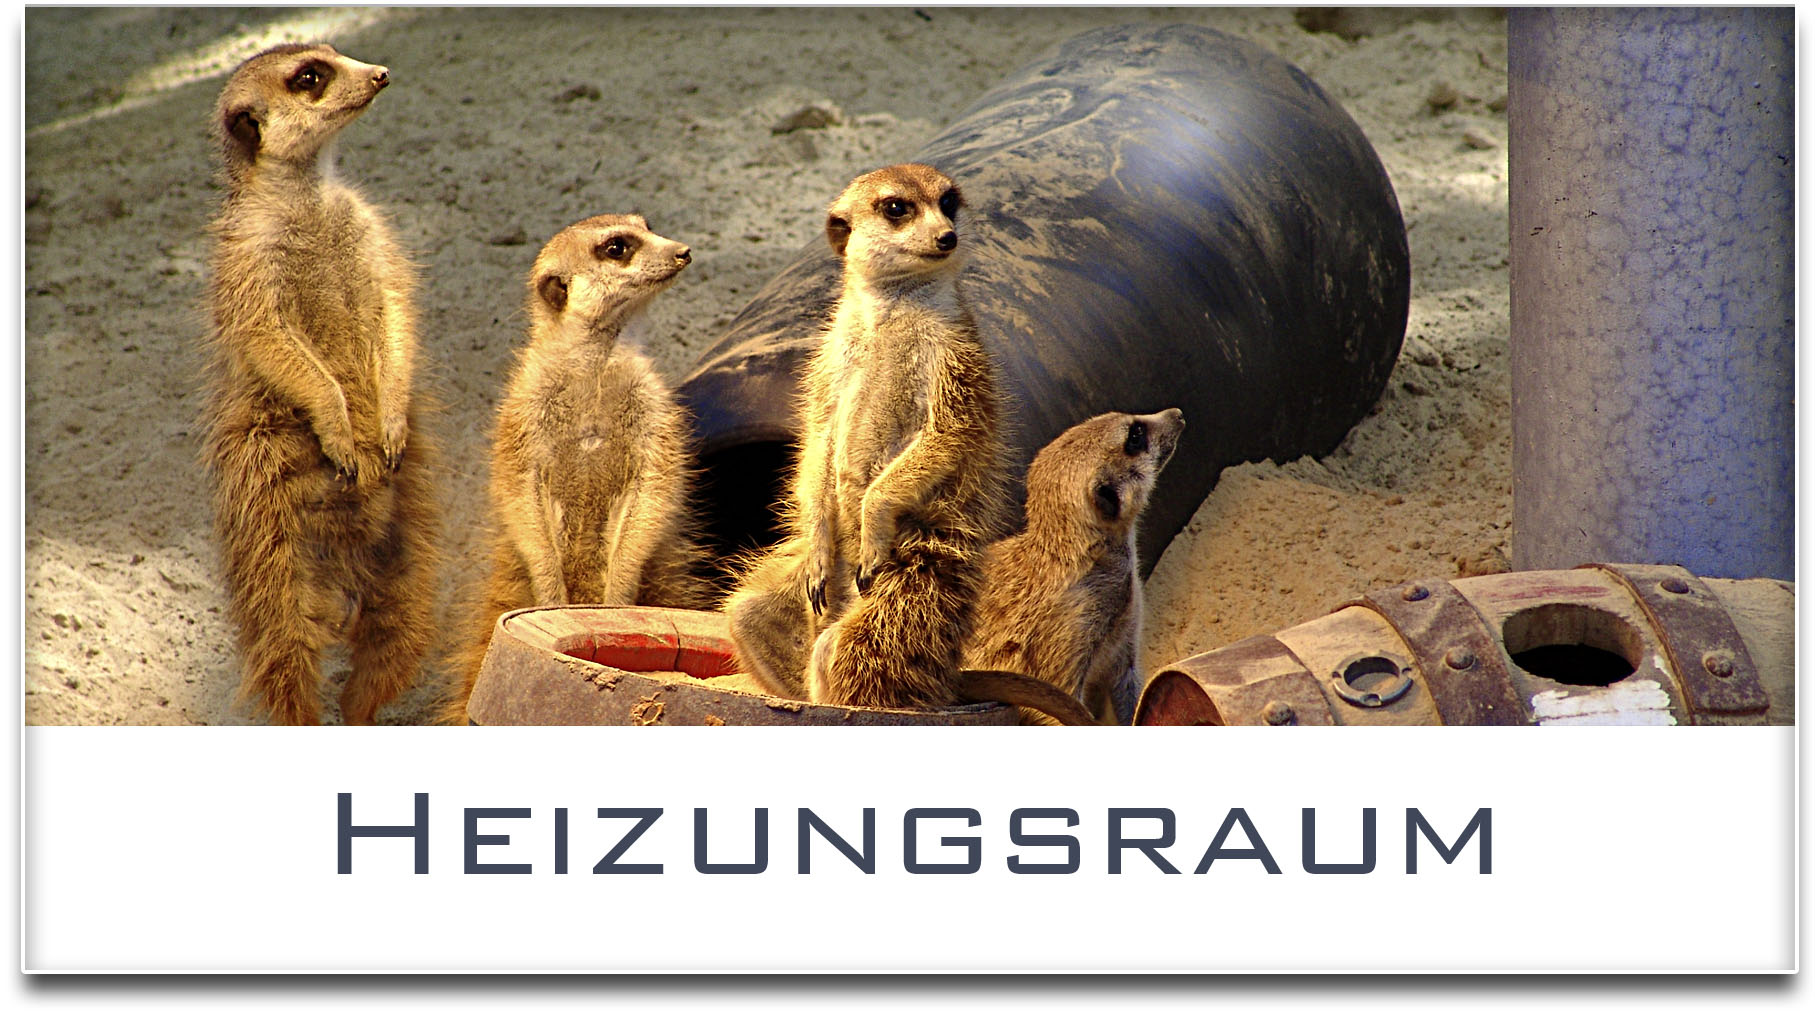 Türschild / Haustürschild / Erdmännchen / Heizungsraum / Selbstklebend